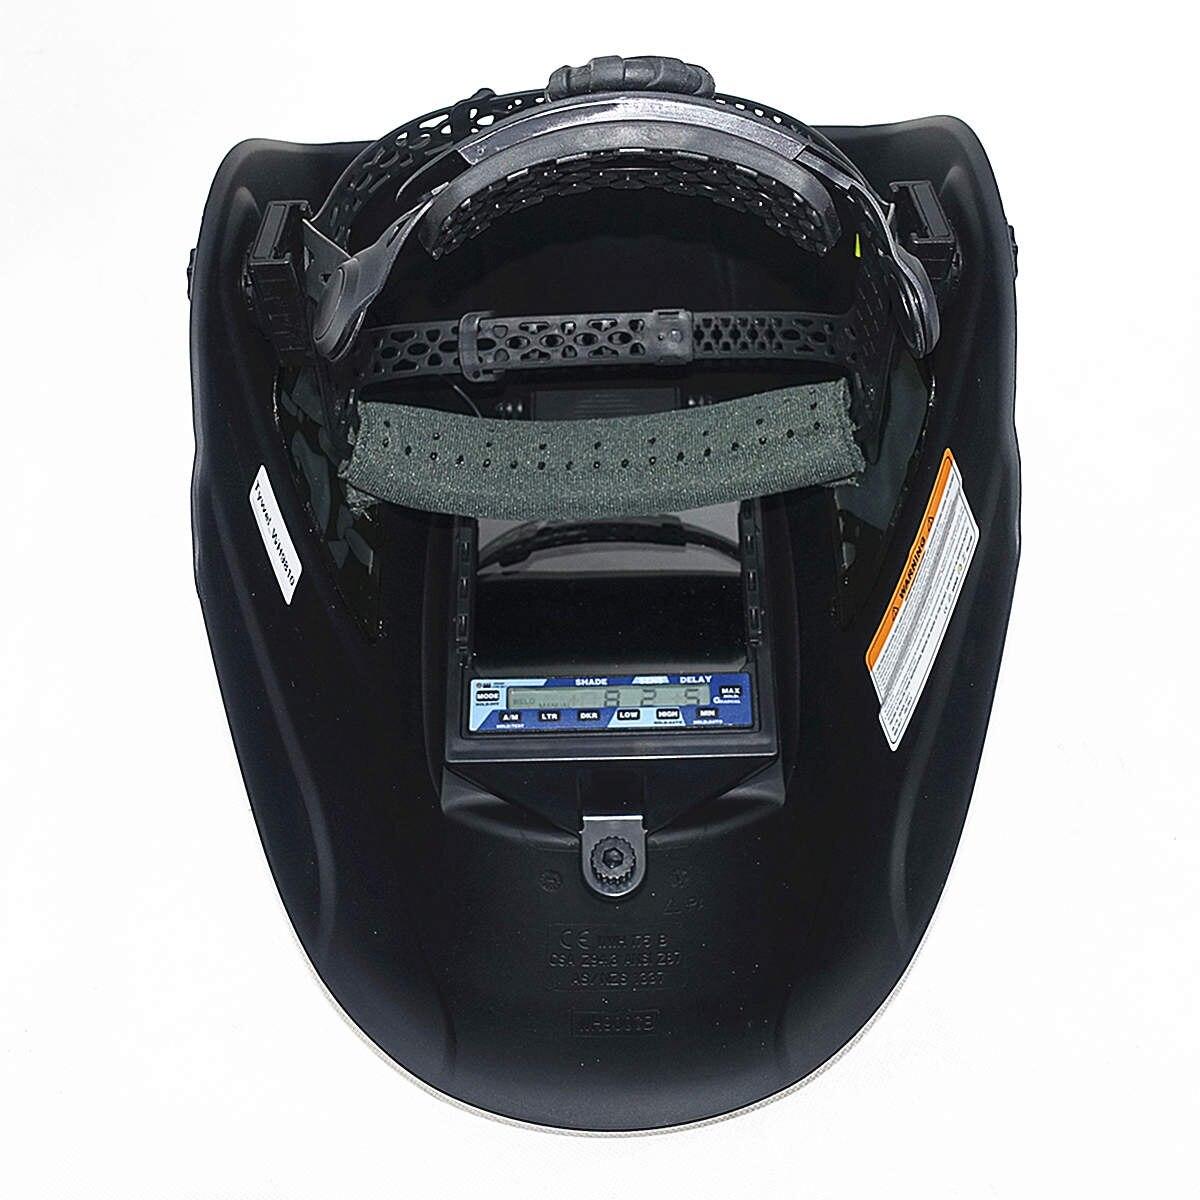 Máscara de soldadura de escurecimento automático 3 vista windows tamanho 100x93mm (3.94x3.66 ) din 4 13 óptico 1111 5 sensores ce capacete de soldagem - 5